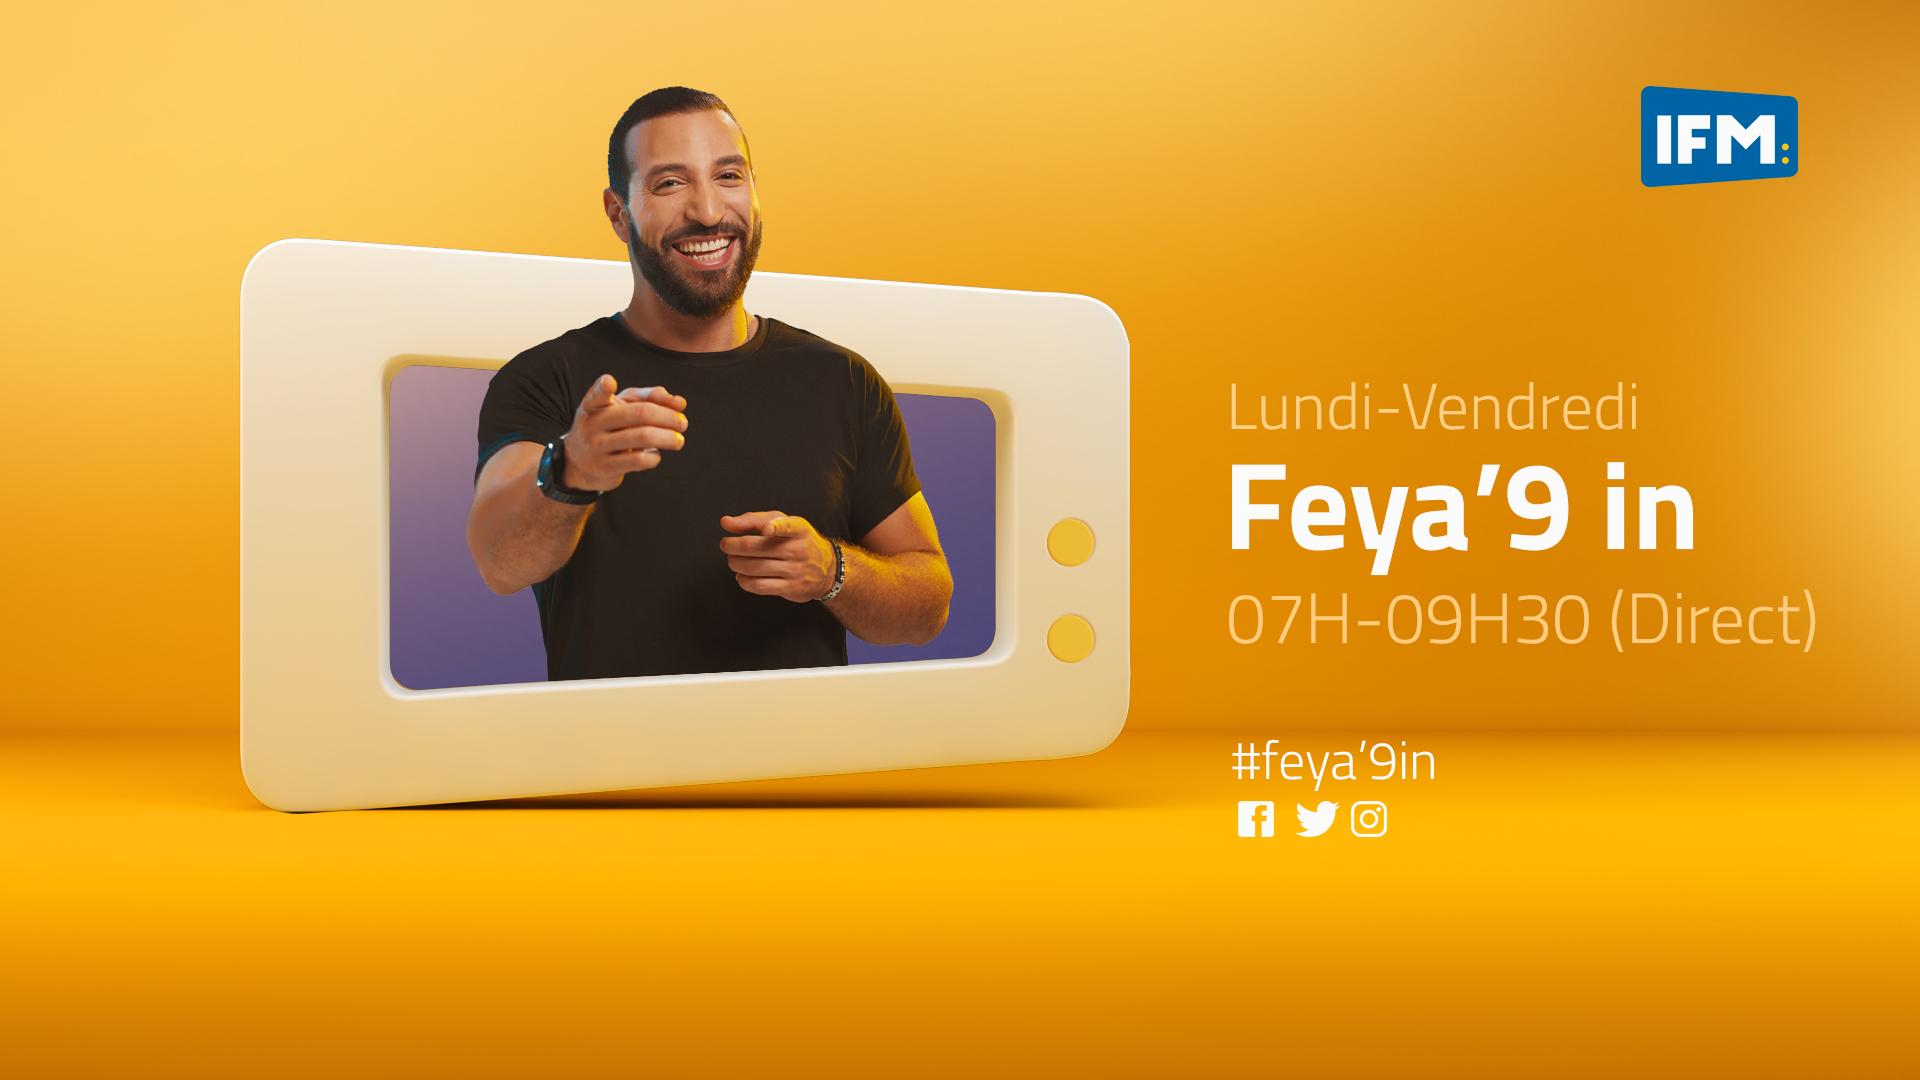 Feya9'in